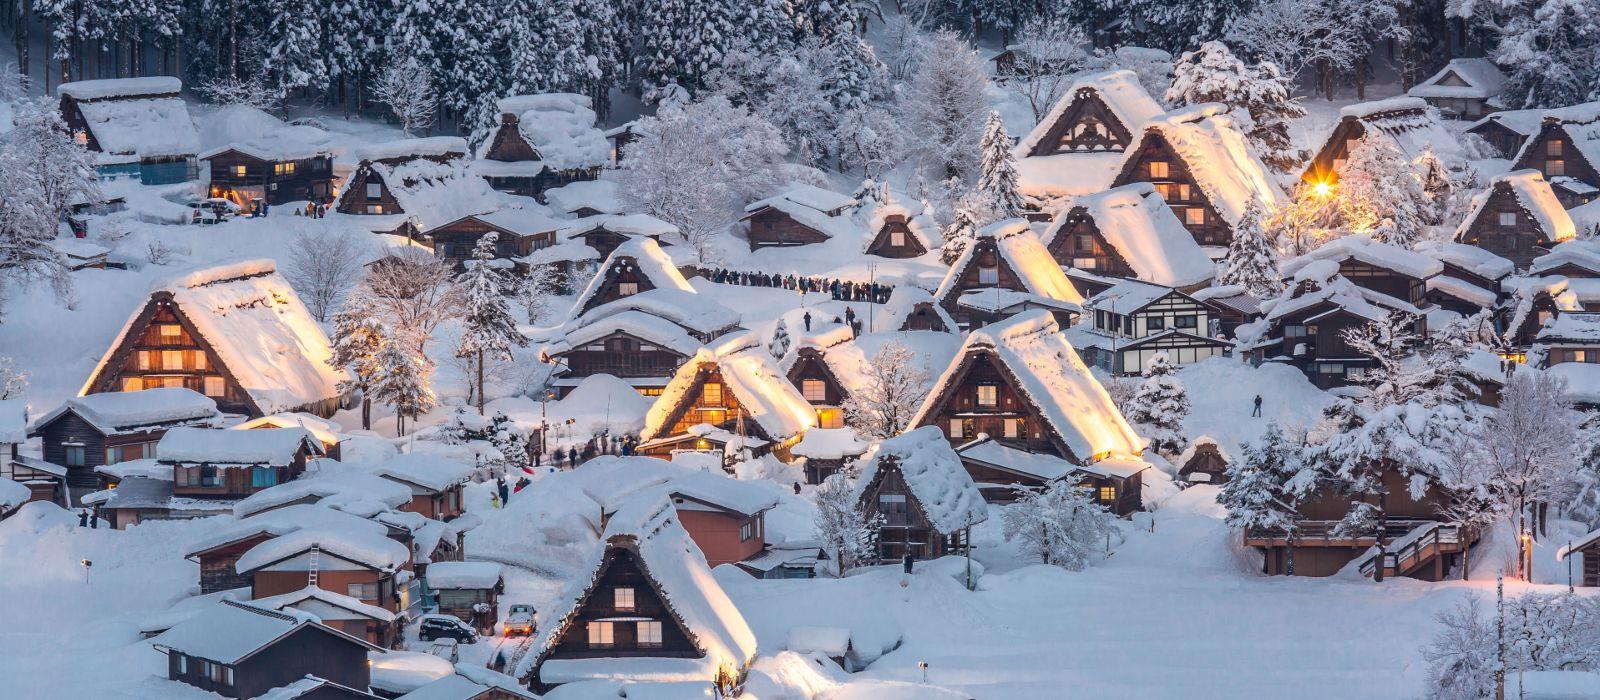 Destination Shirakawa-gō Japan